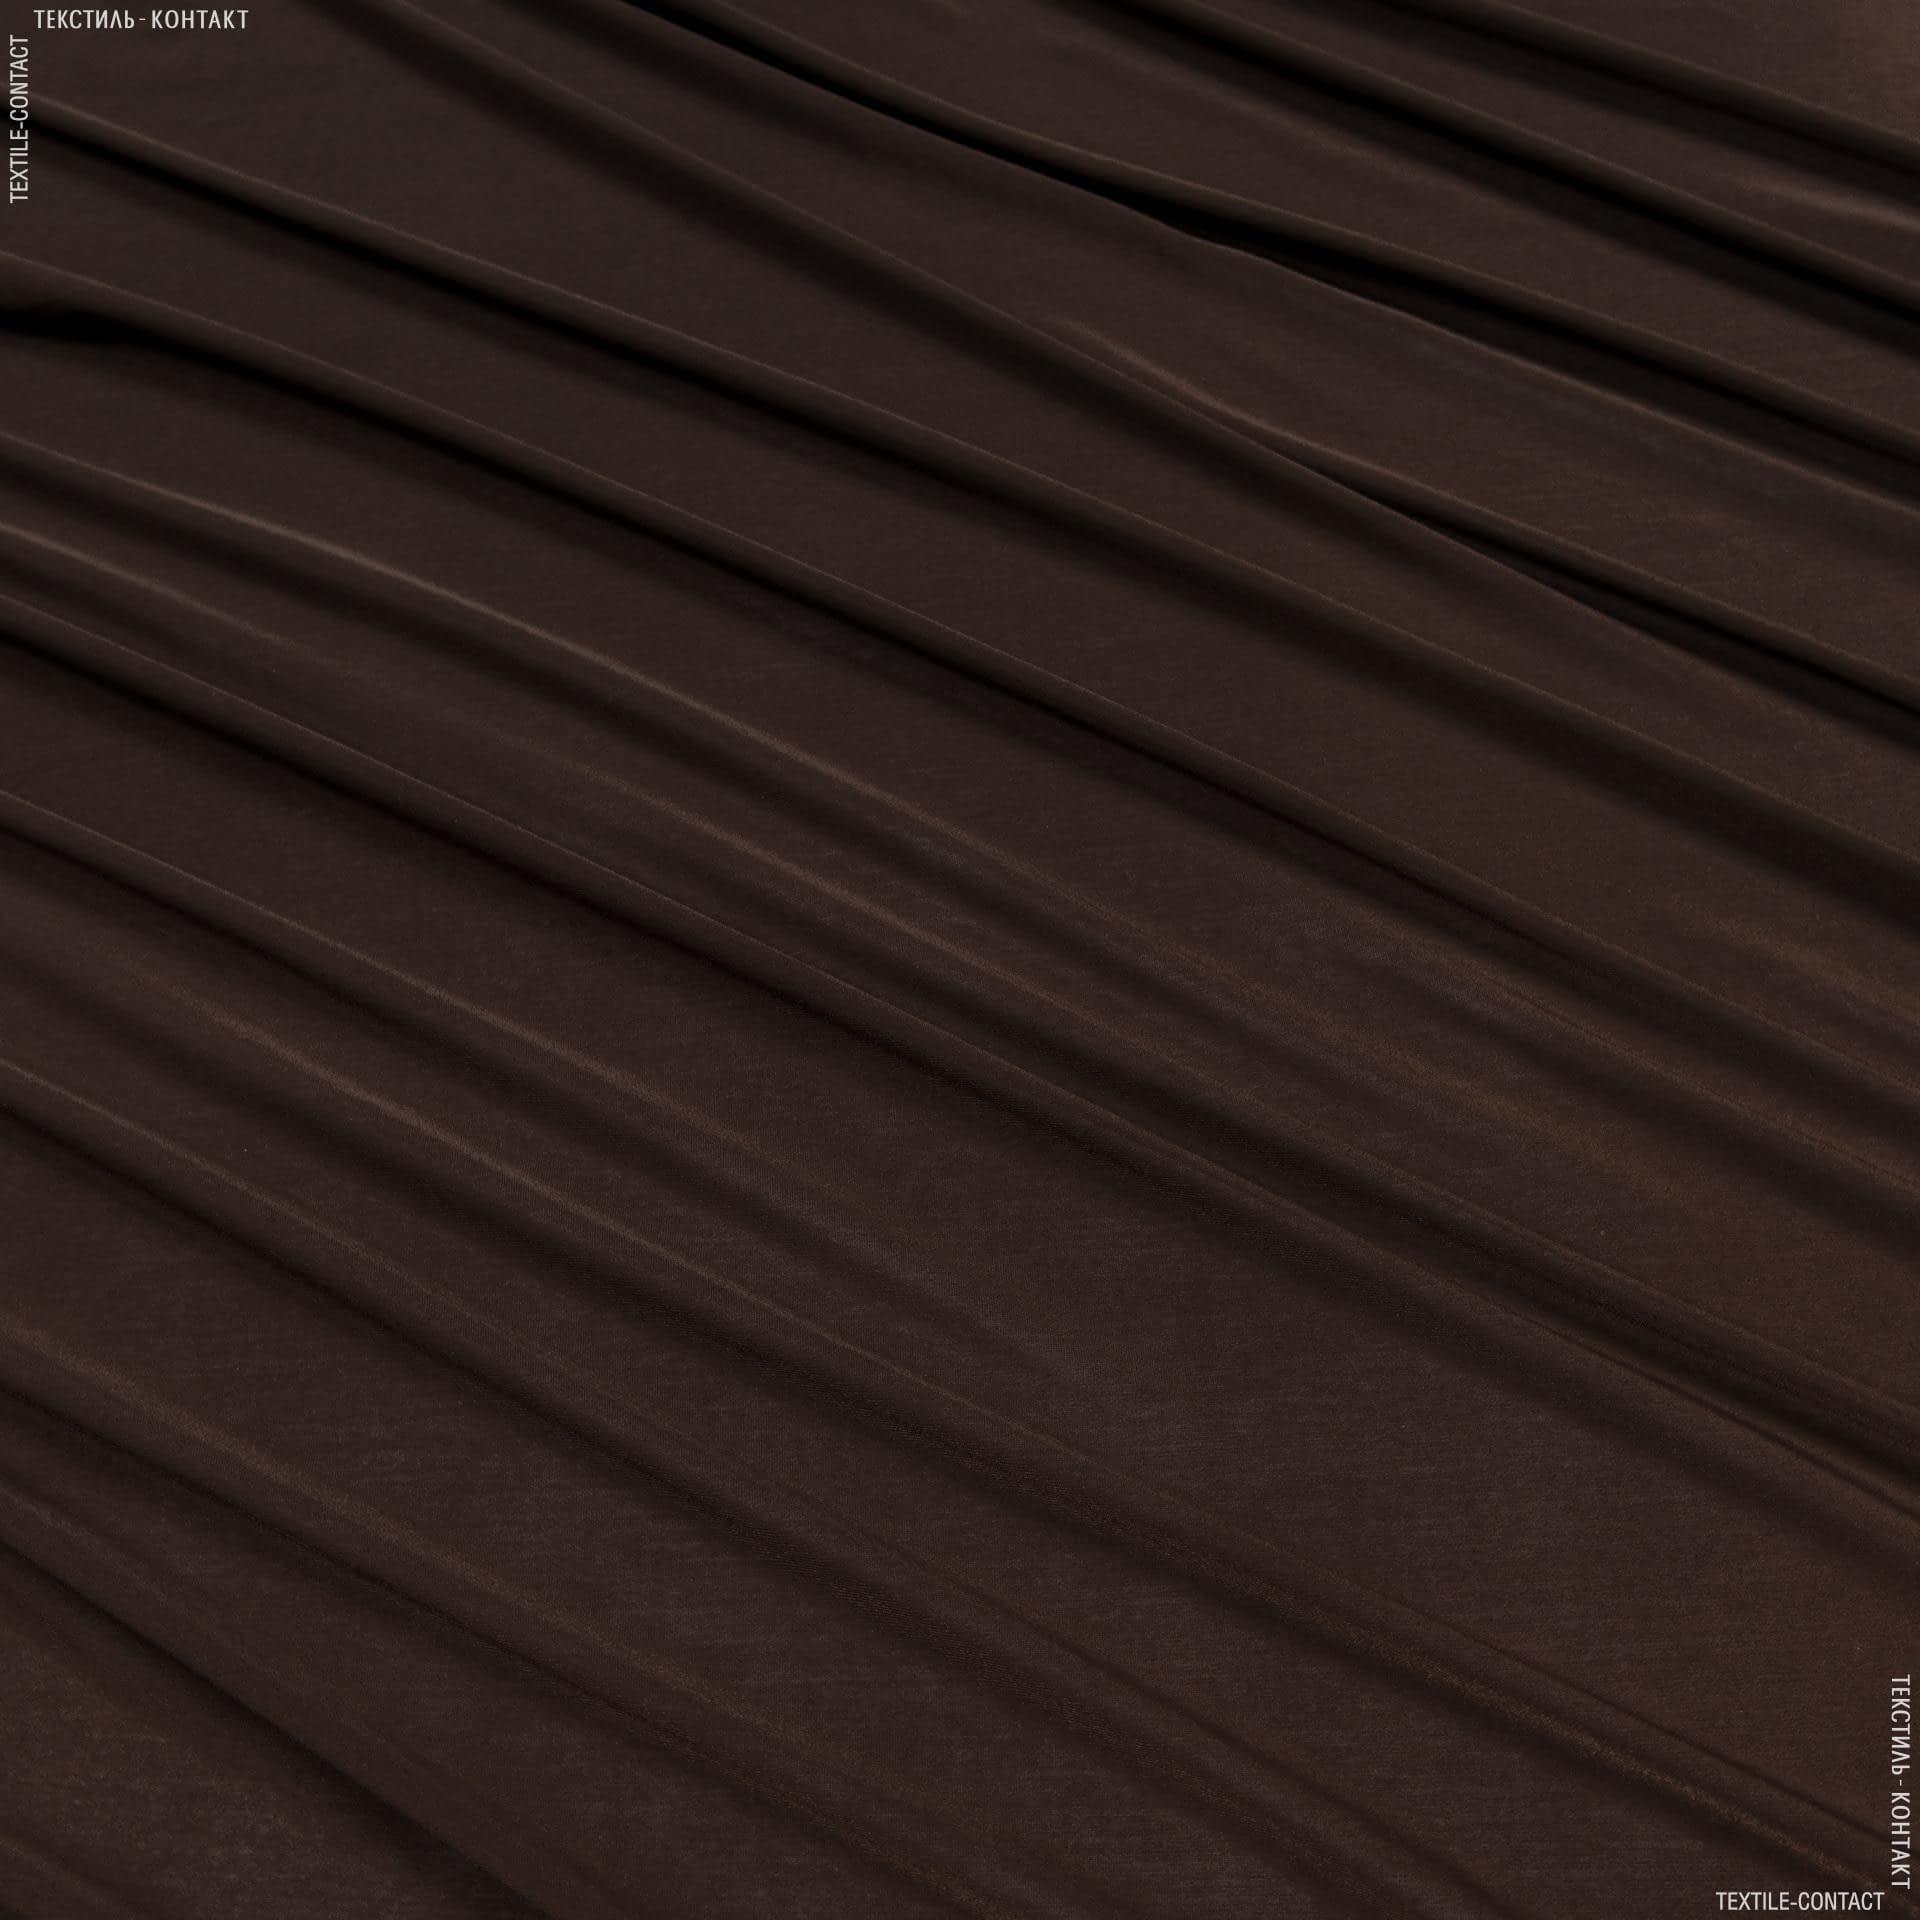 Тканини для суконь - Трикотаж масло коричневий